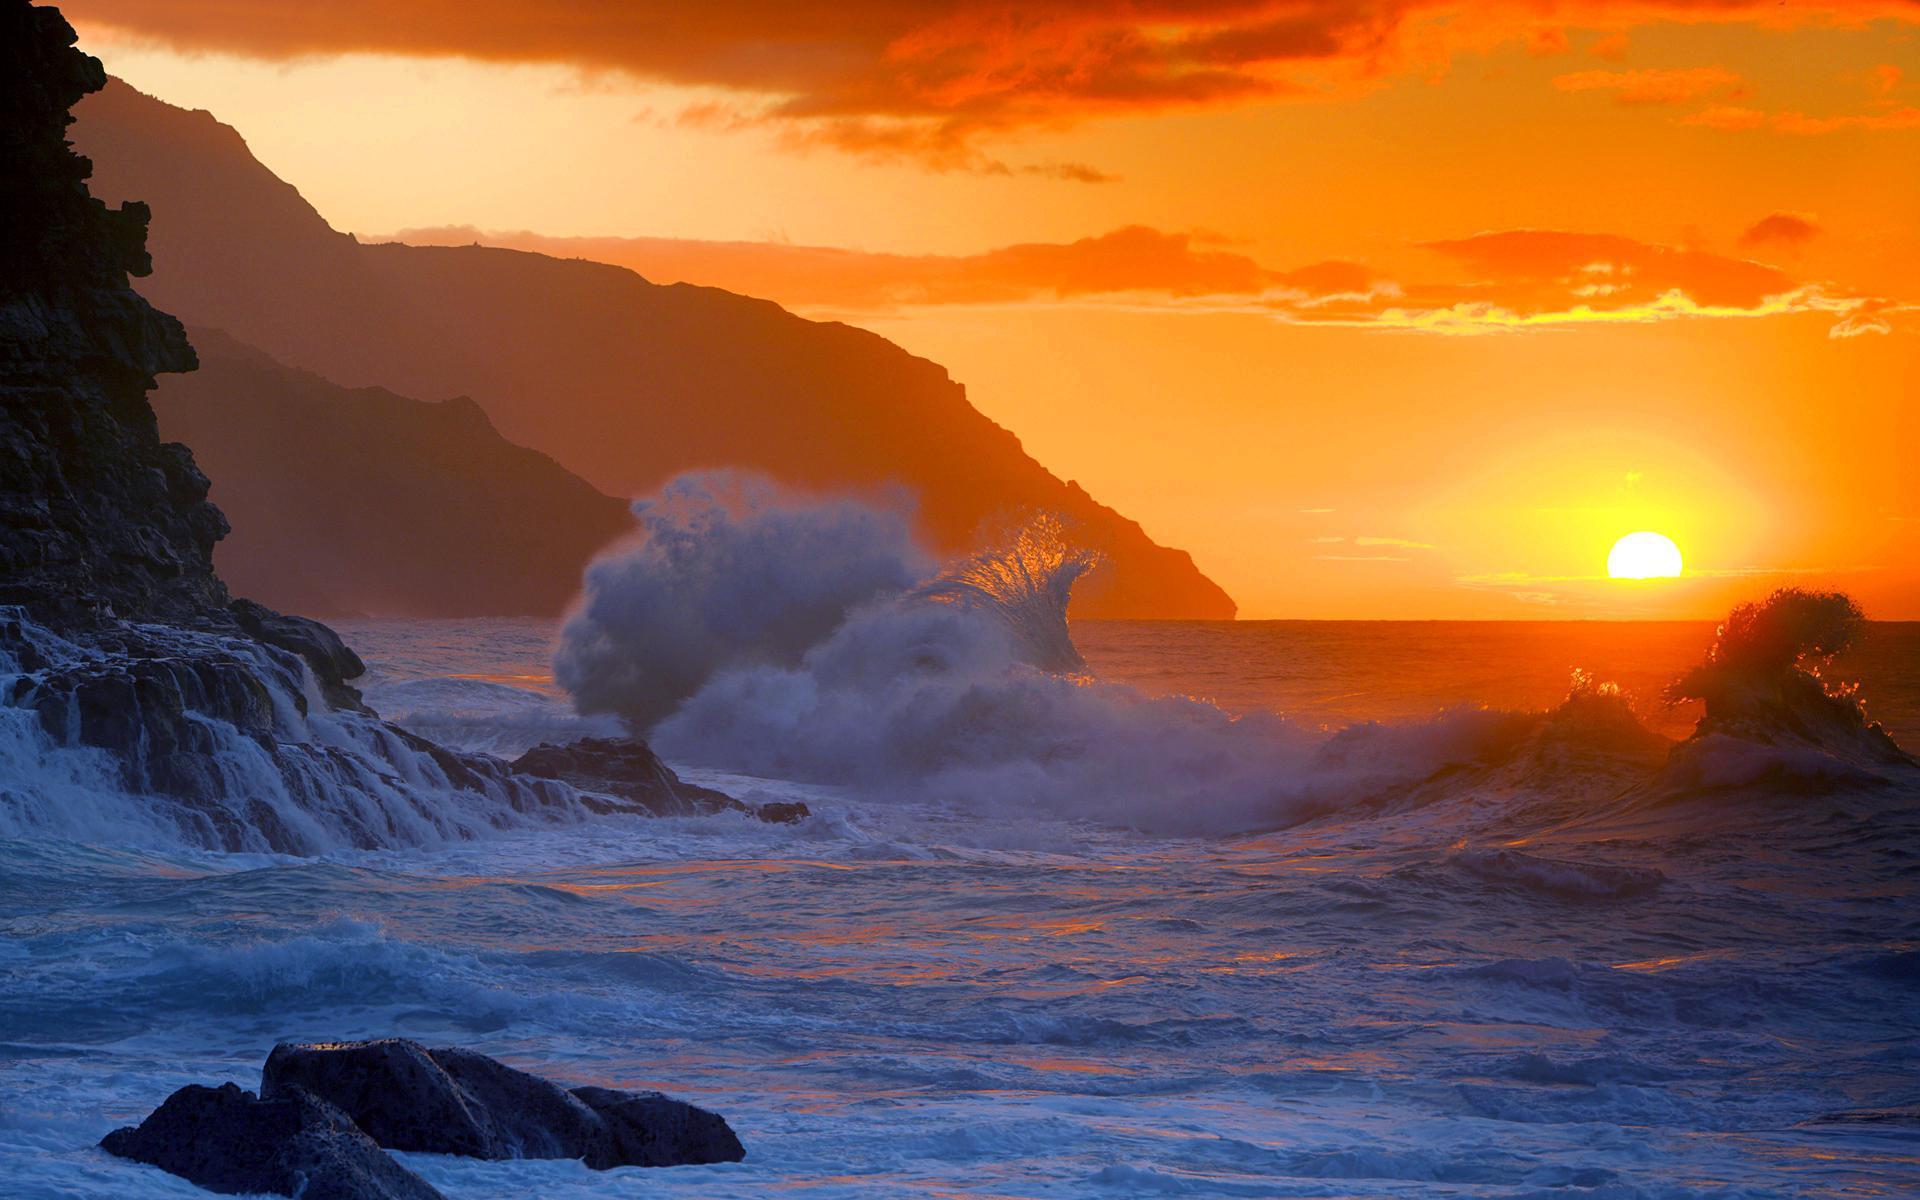 Hawaii Sunset Wallpaper 1920x1200